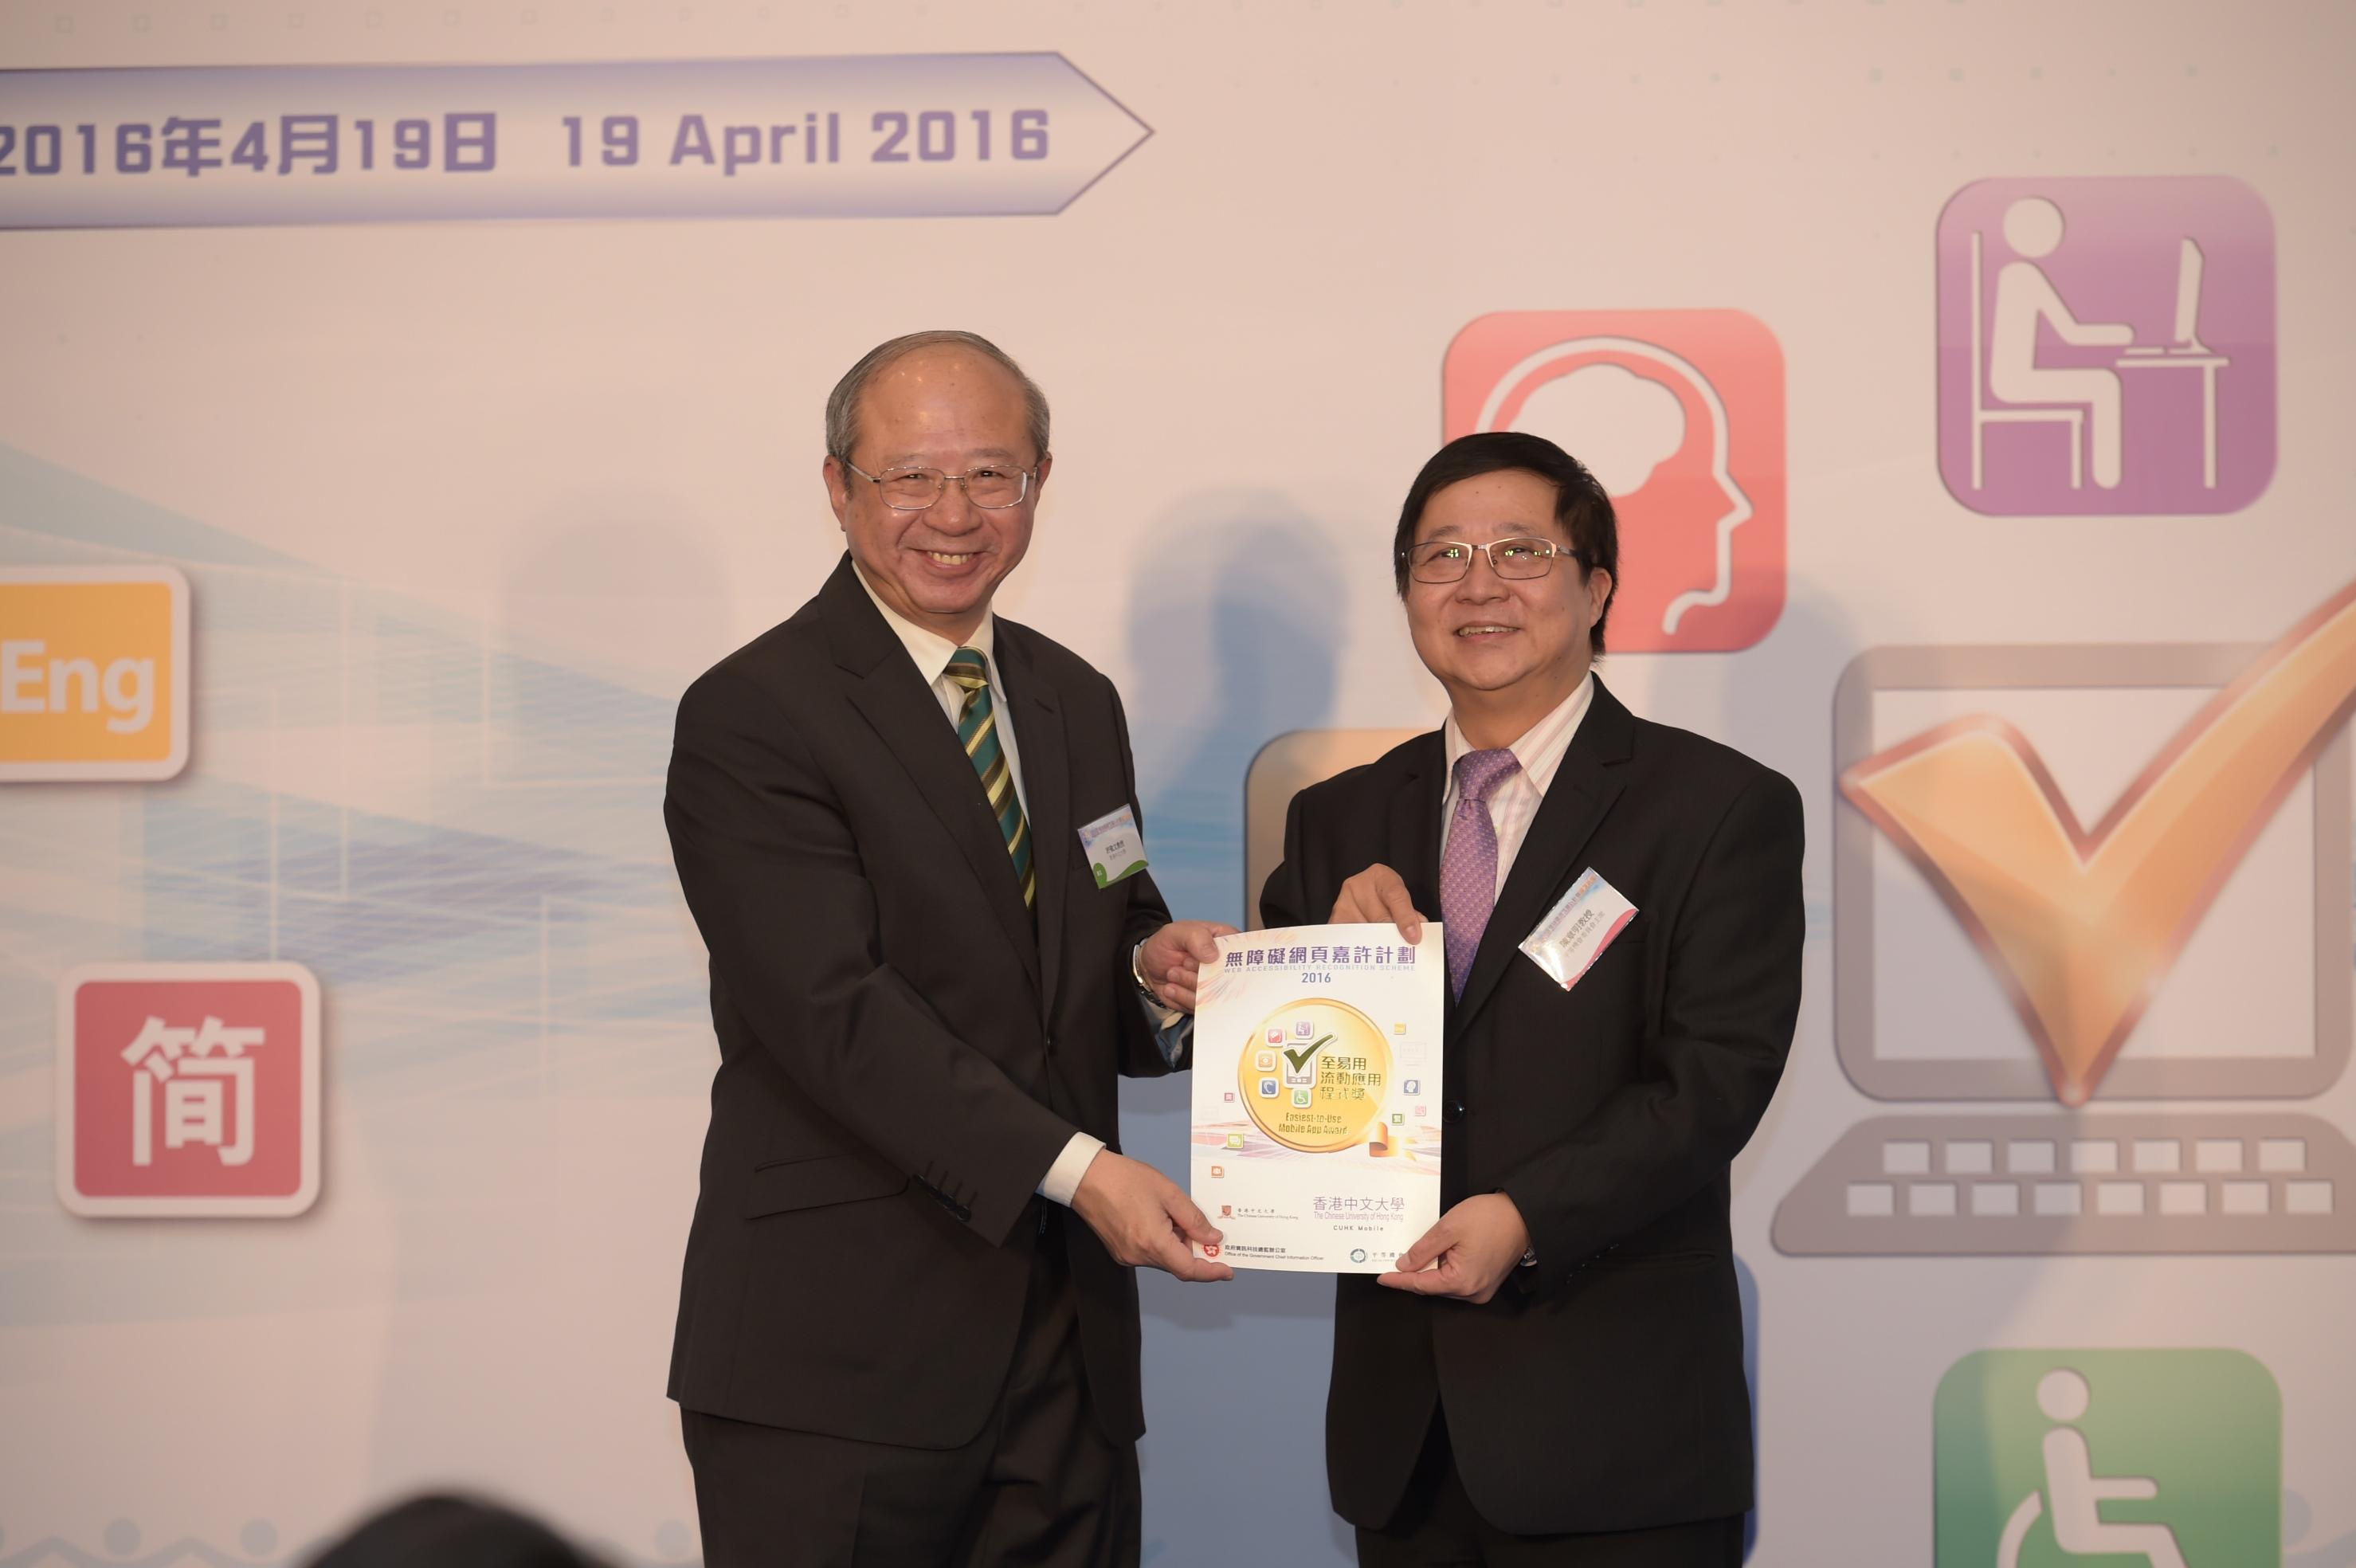 平等機會委員會主席陳章明教授(右)頒授「至易用流動應用程式獎」予中大副校長許敬文教授。